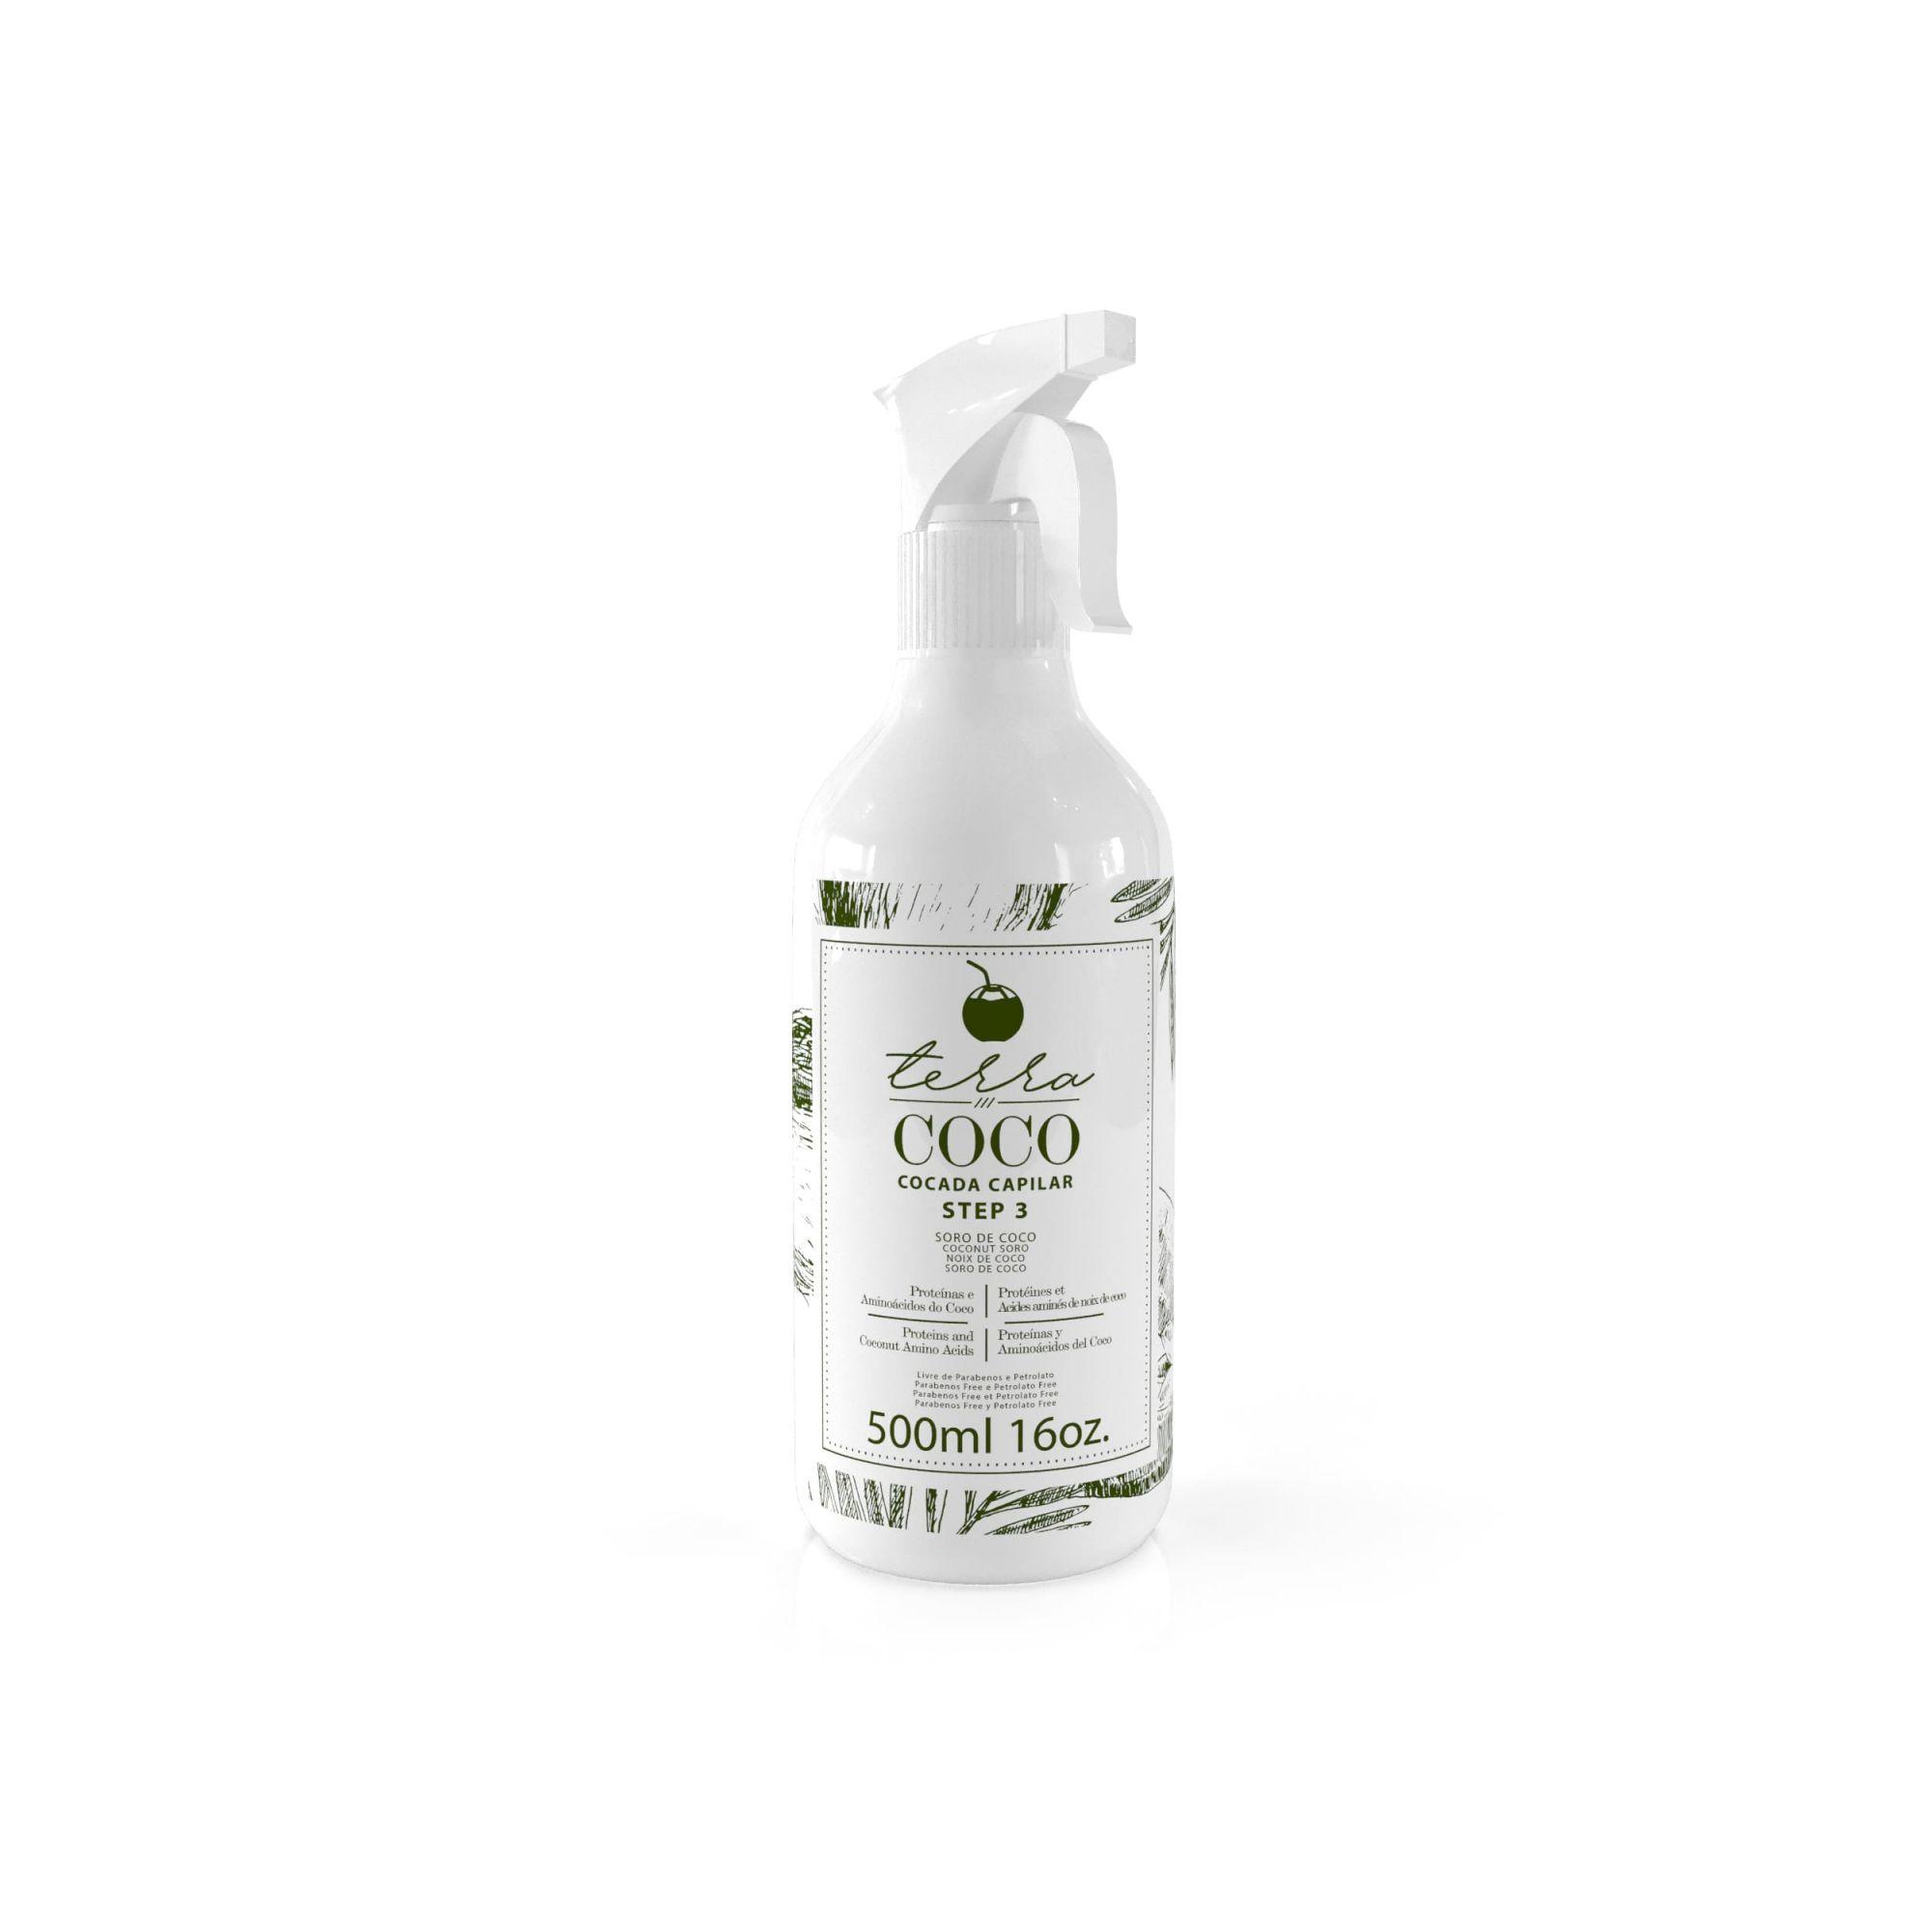 Terra Coco - Cocada Capilar - Soro De Coco 500ml